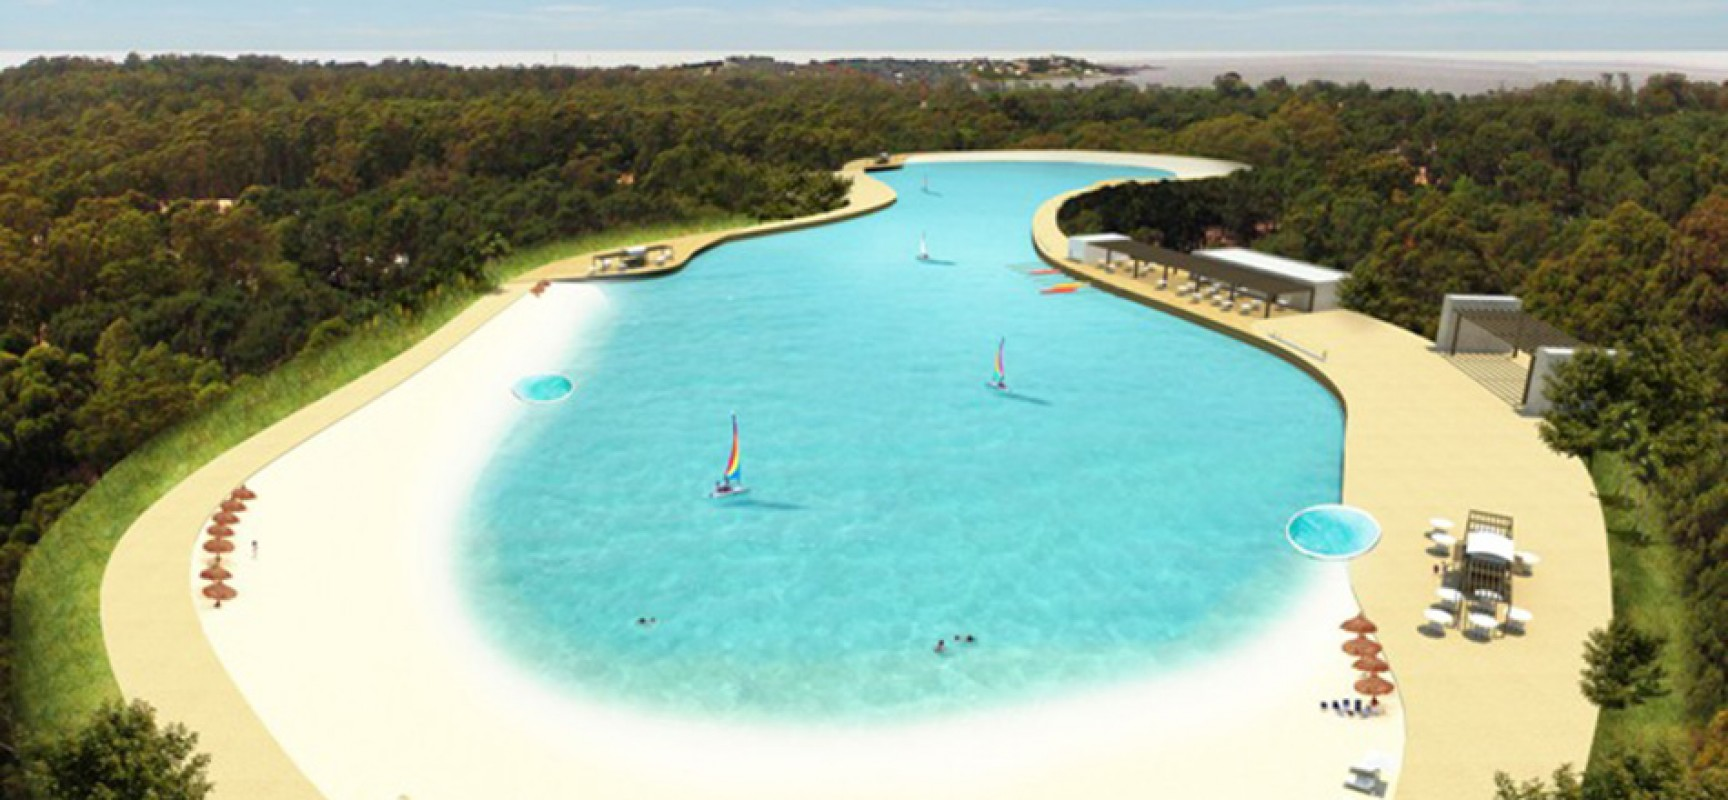 El Grupo Solana invierte 14 millones de dólares en Punta del Este